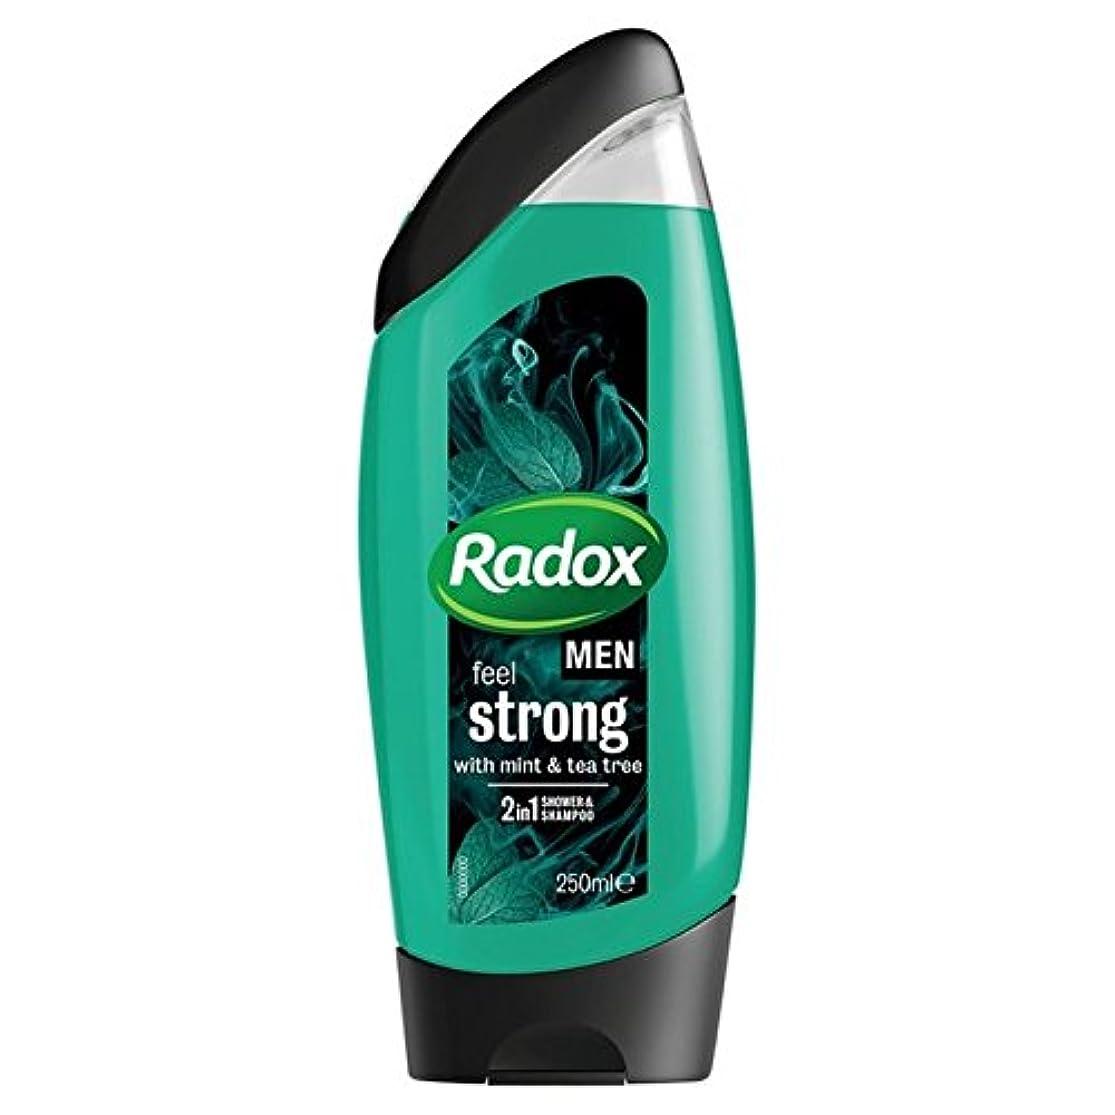 超音速労働コンサルタント男性は、強力なミント&ティーツリーの21のシャワージェル250ミリリットルを感じます x4 - Radox Men Feel Strong Mint & Tea Tree 2in1 Shower Gel 250ml (Pack...